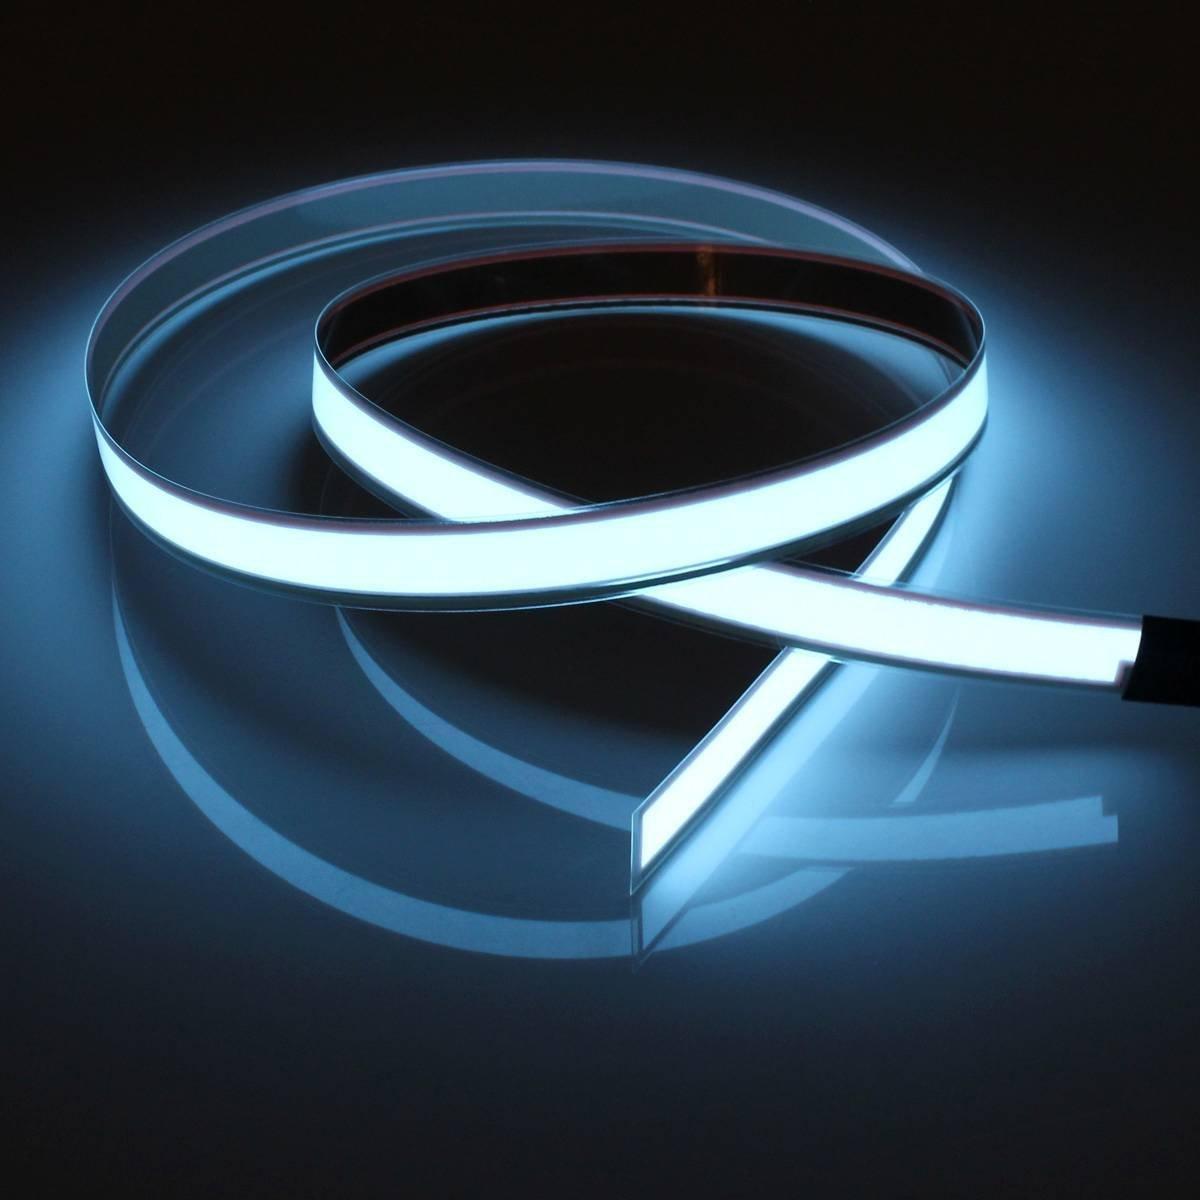 1 Mt Neon Draht El kabel LED Schlauch mit Batterie Box Licht ...